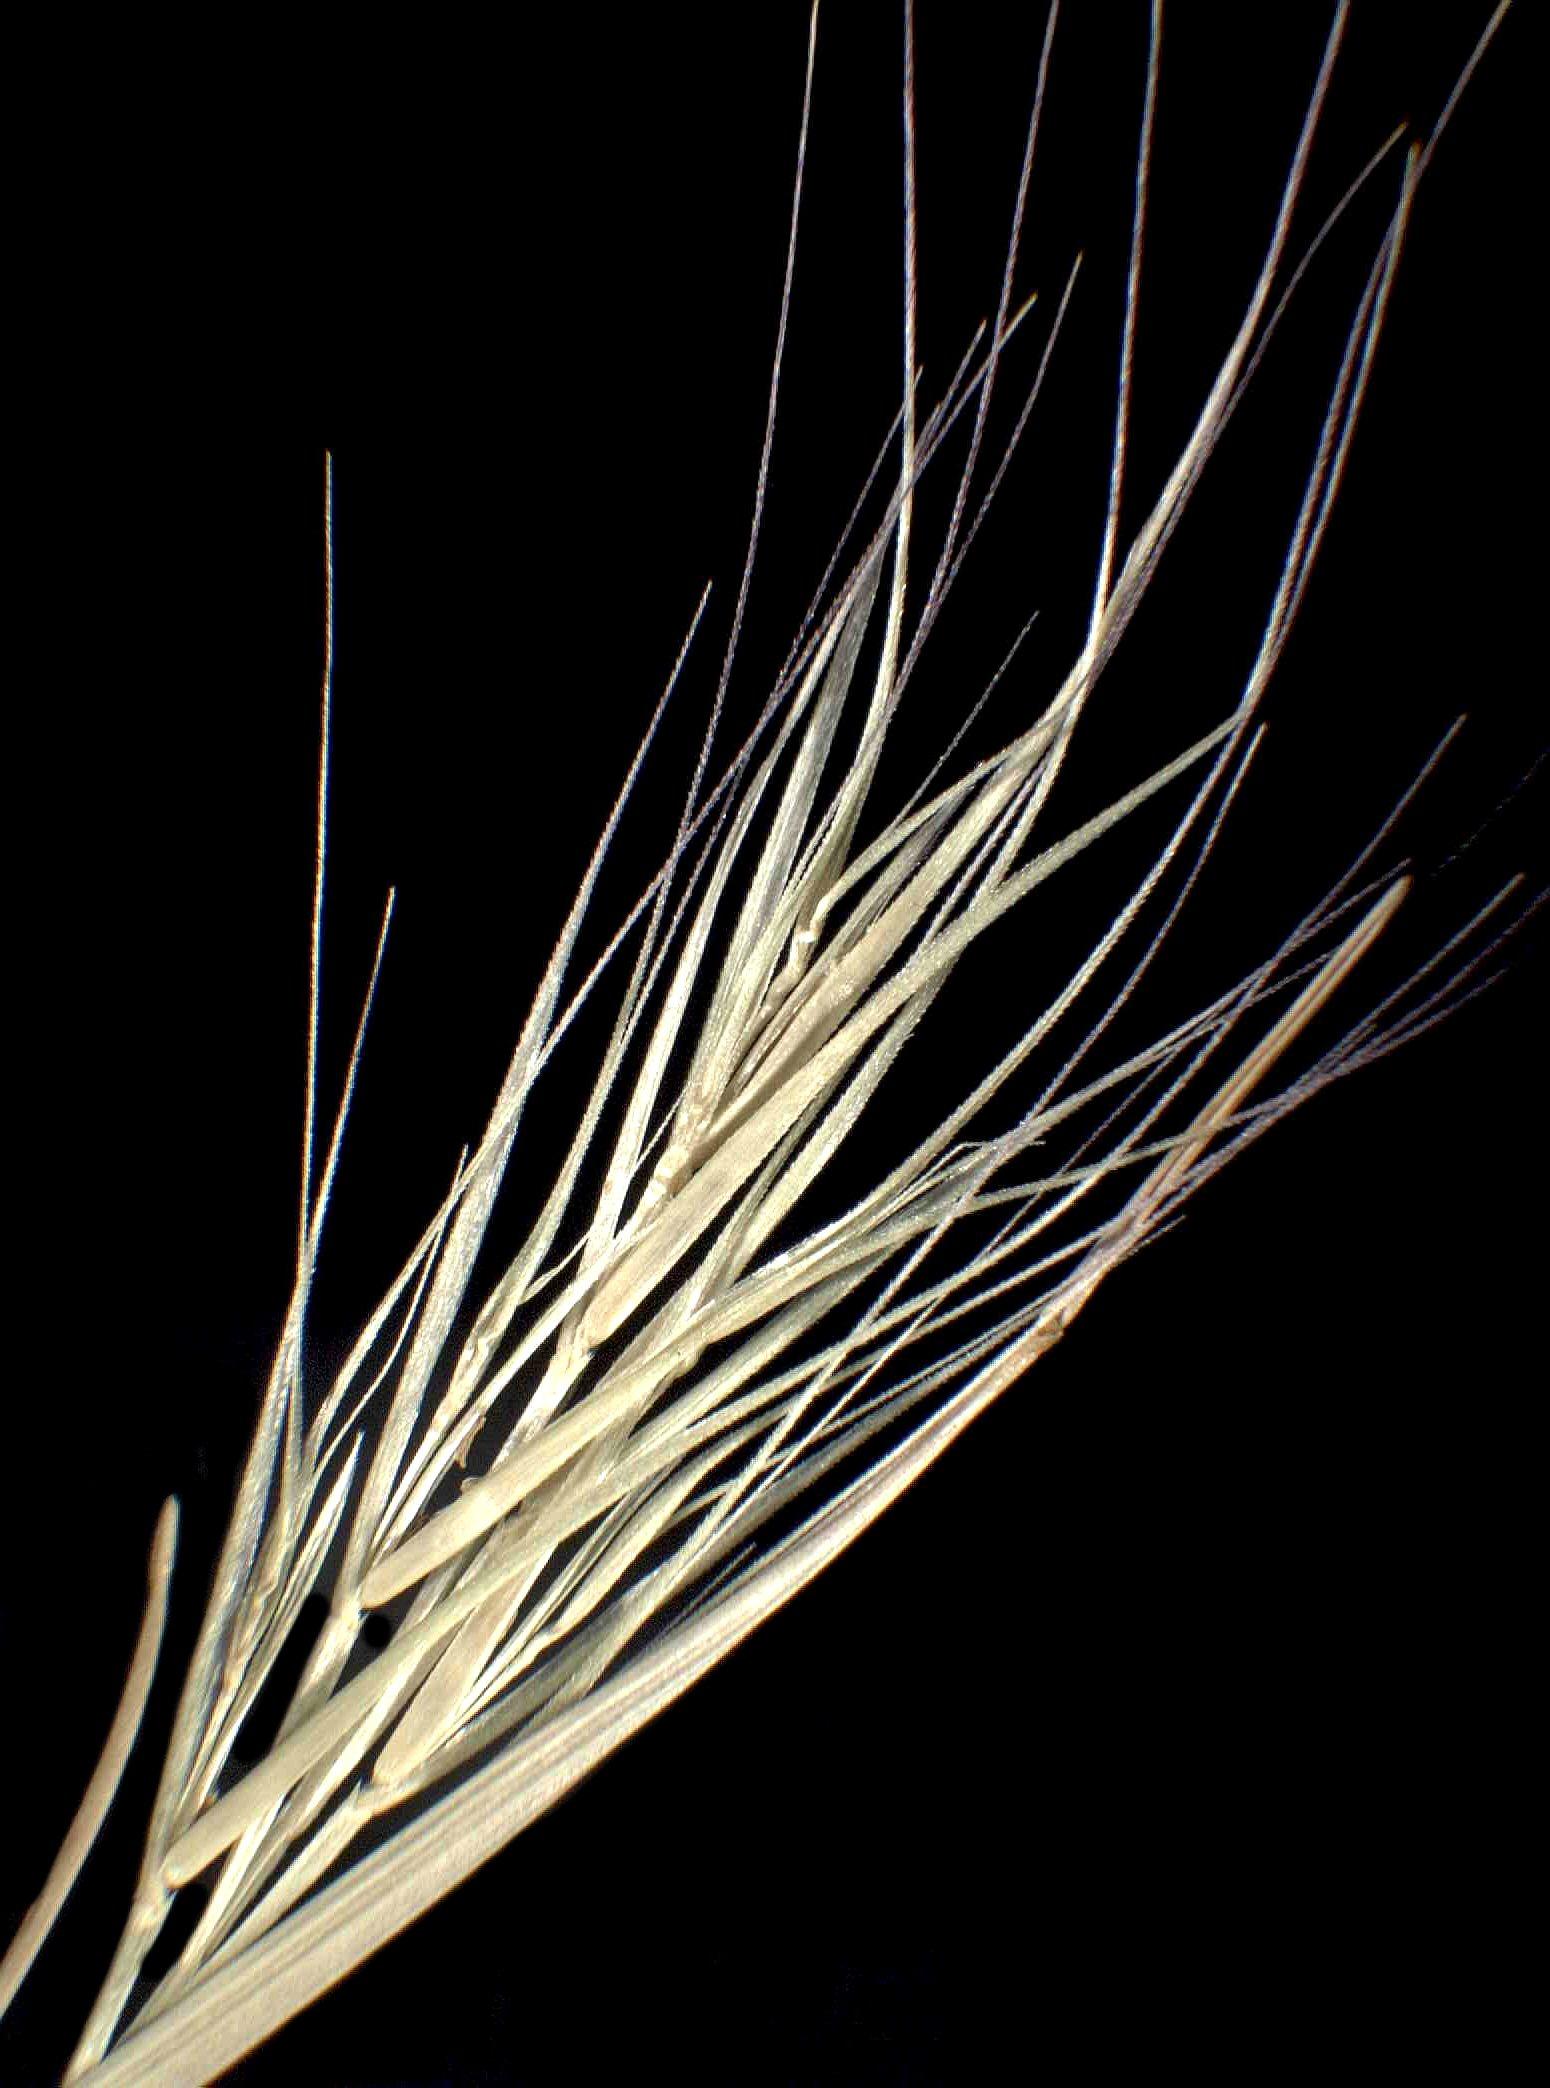 © Dipartimento di Scienze della Vita, Università degli Studi di Trieste<br>by Andrea Moro<br>Arcipelago delle Baleari, Isola di Maiorca, vecchia cava. , Spagna, 12/12/04 0.00.00<br>Distributed under CC-BY-SA 4.0 license.